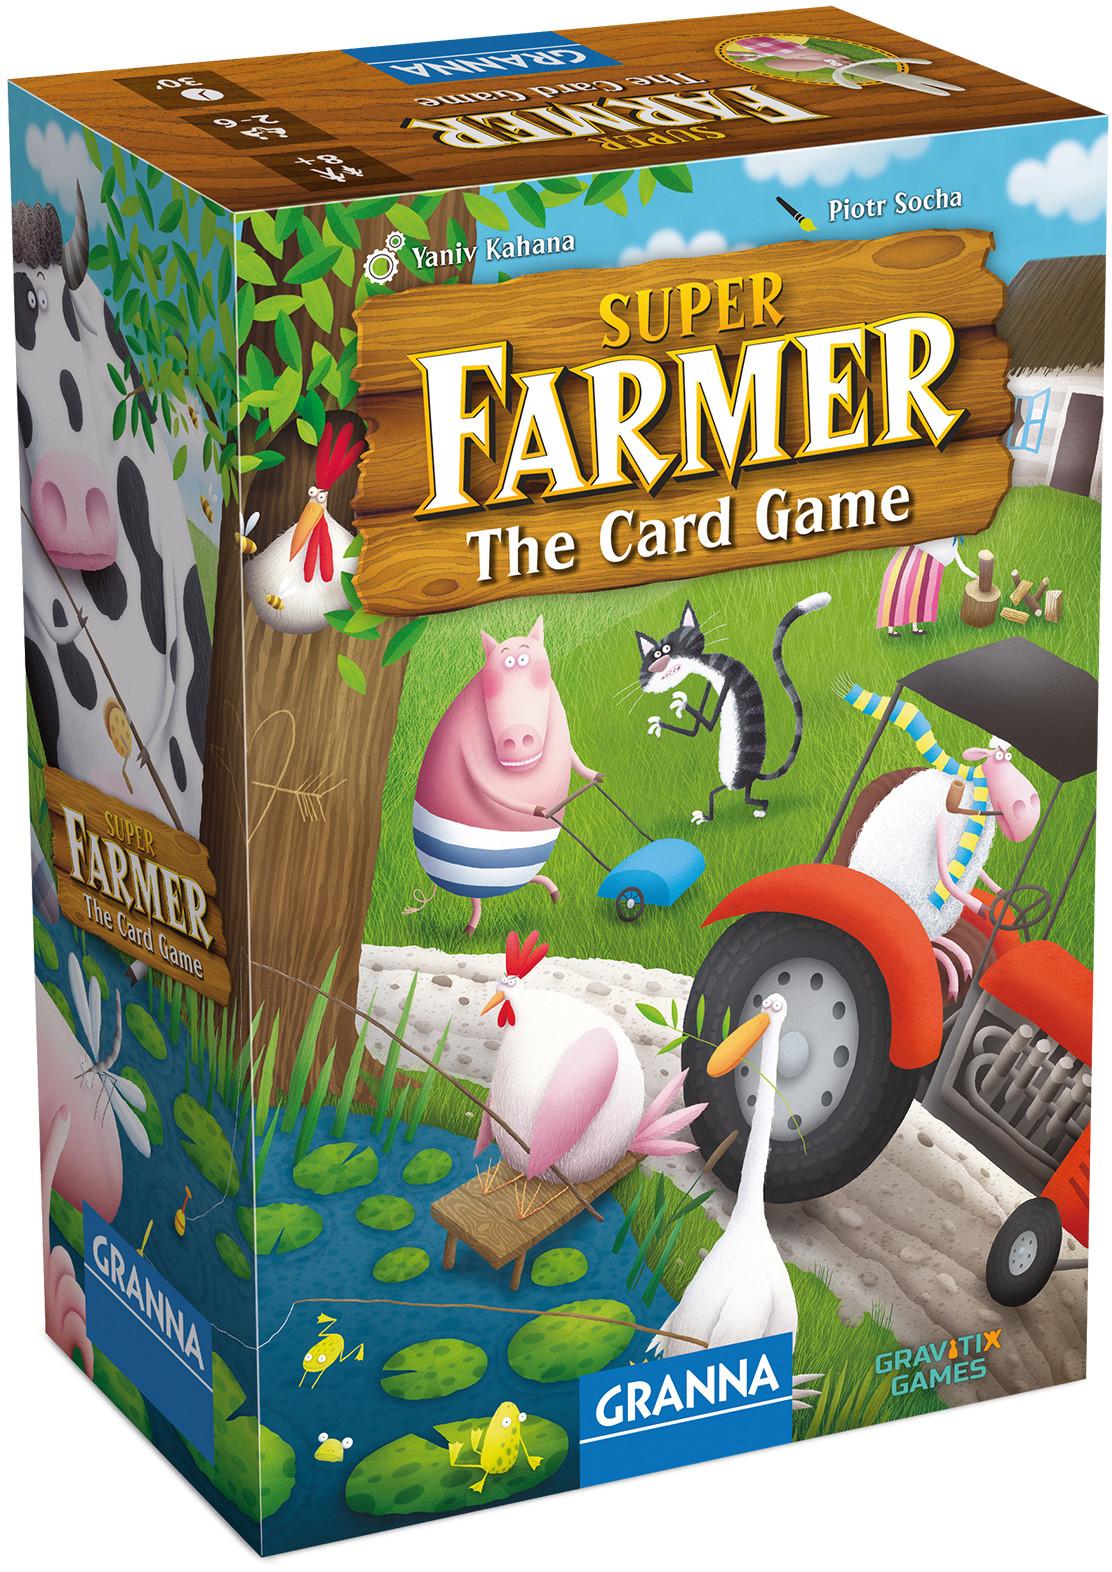 Granna Super Farmer